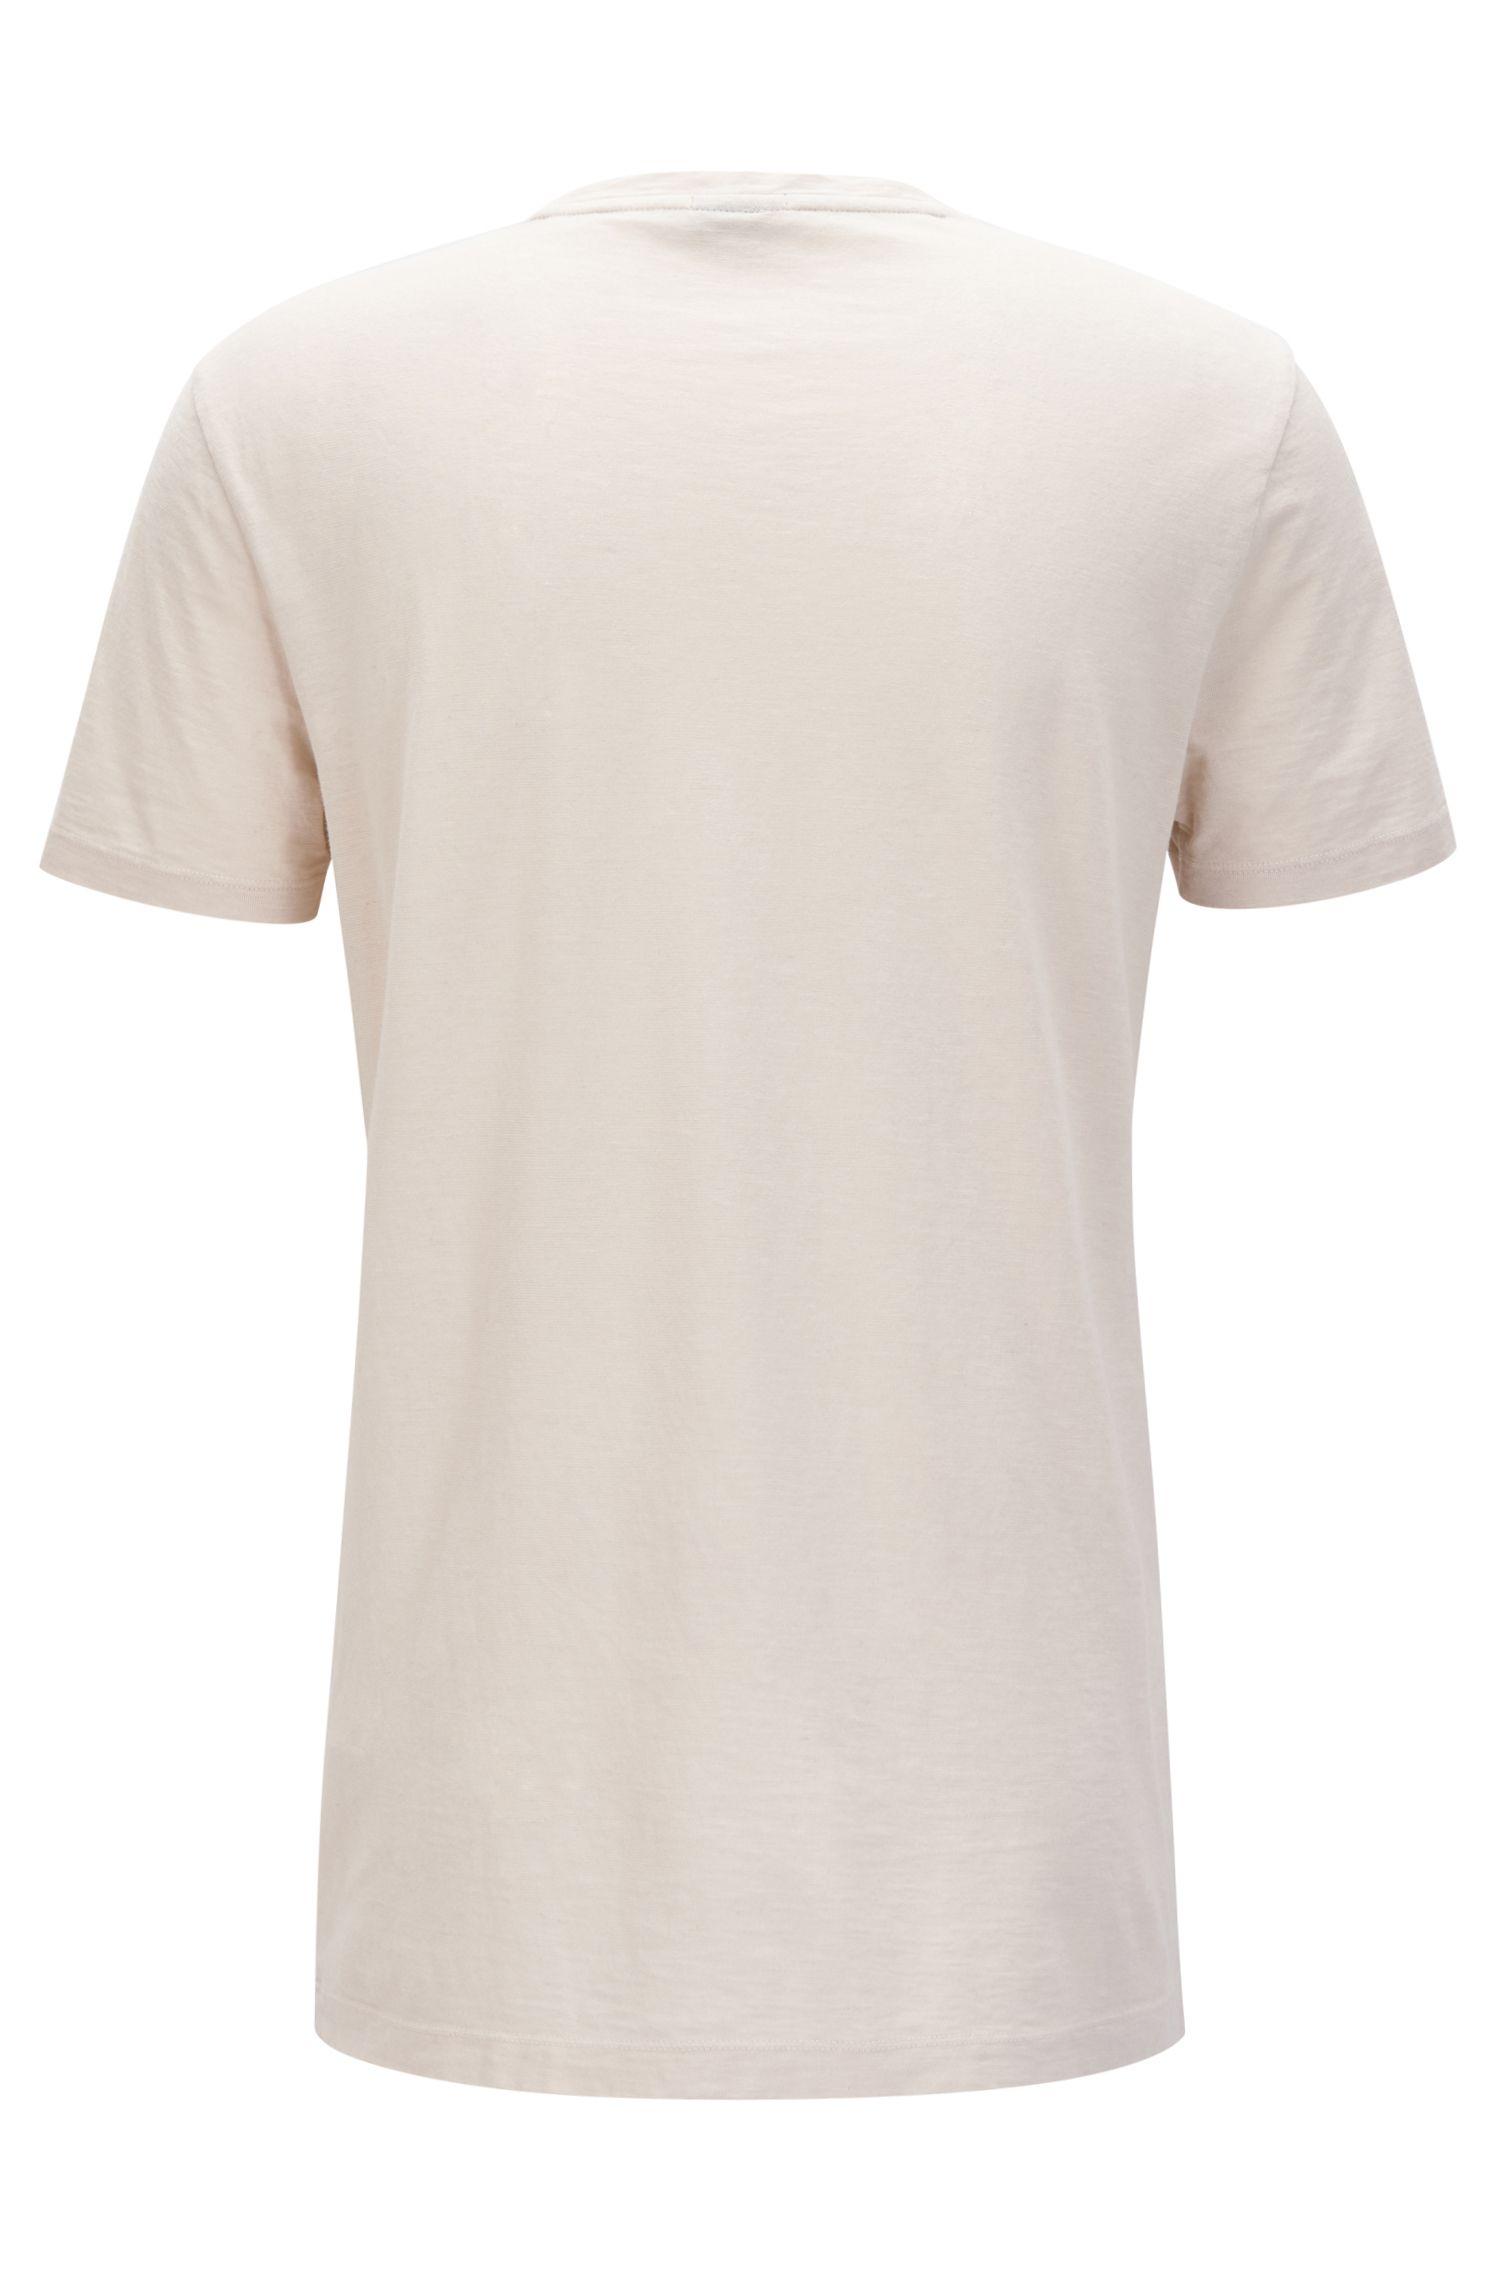 T-Shirt aus italienischem Baumwoll-Mix mit Rundhalsausschnitt